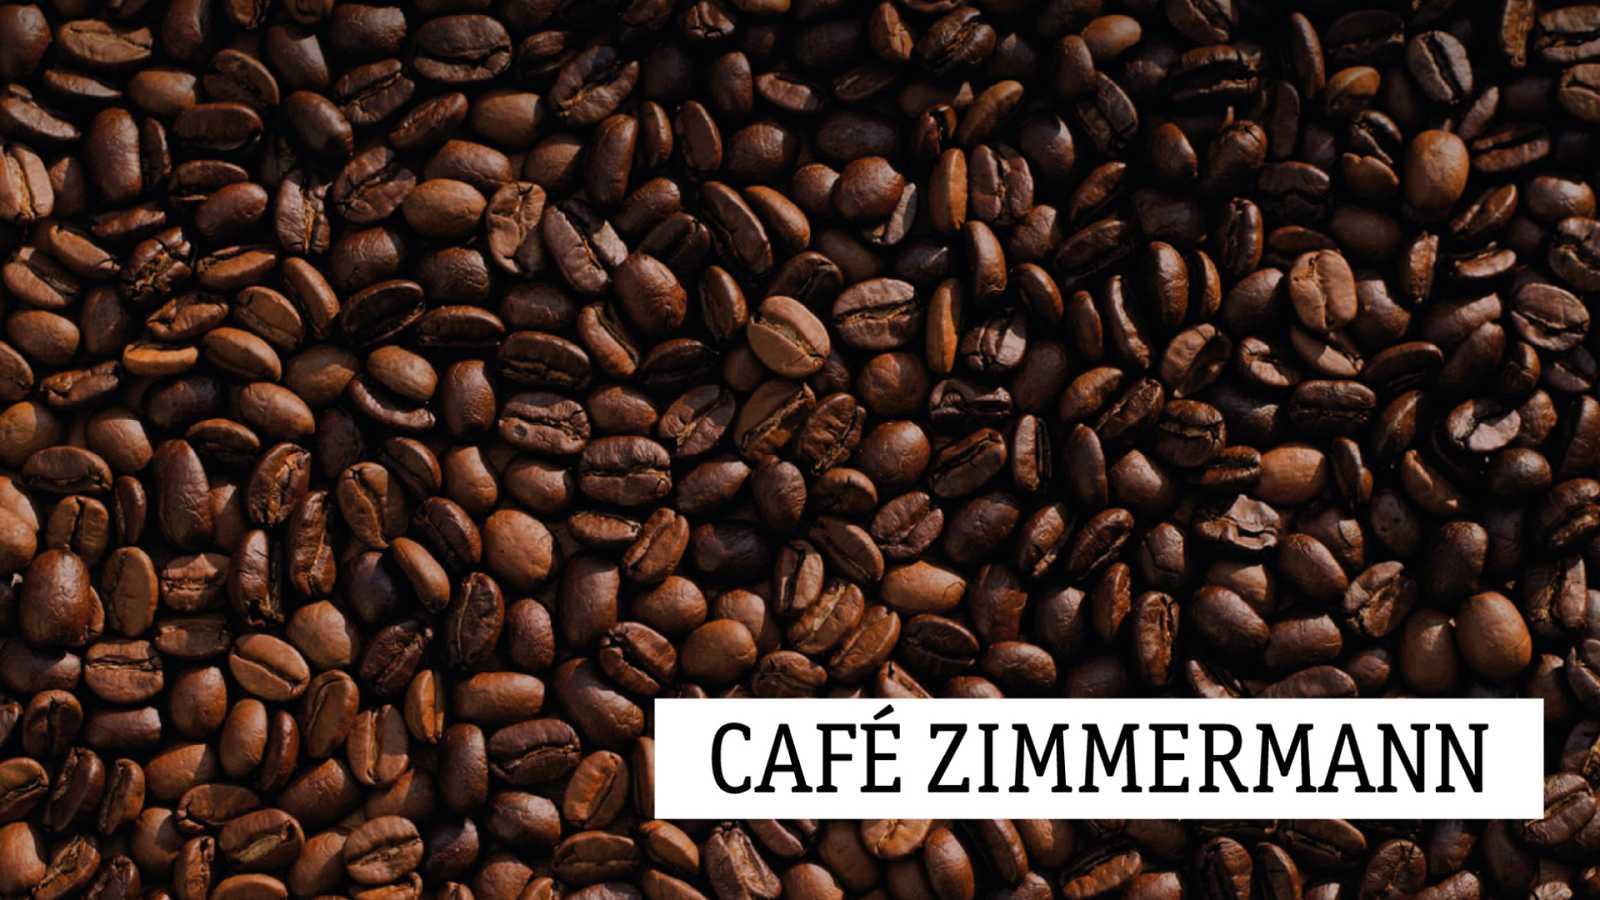 Café Zimmermann - Juan Pérez Floristán - 13/11/20 - escuchar ahora